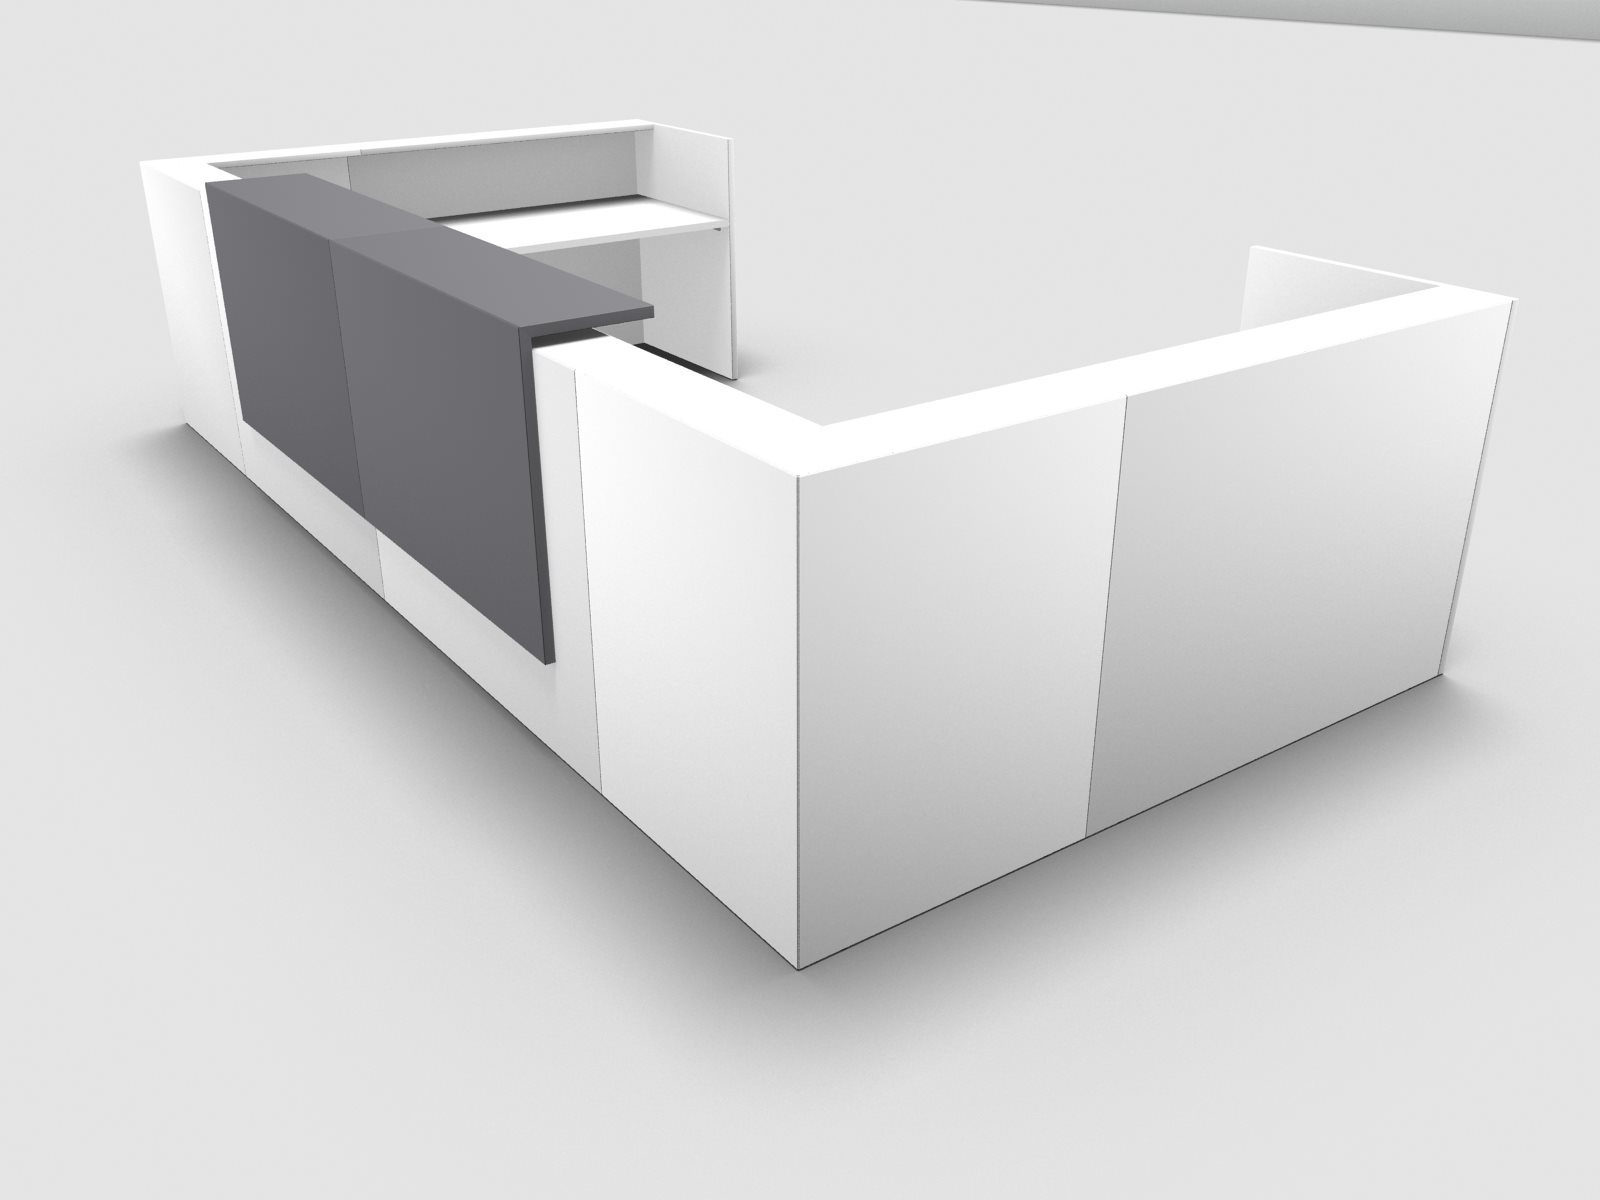 Büromöbel preiswert und schnell - Quadrifoglio Z2 Empfangstheke C30 ...